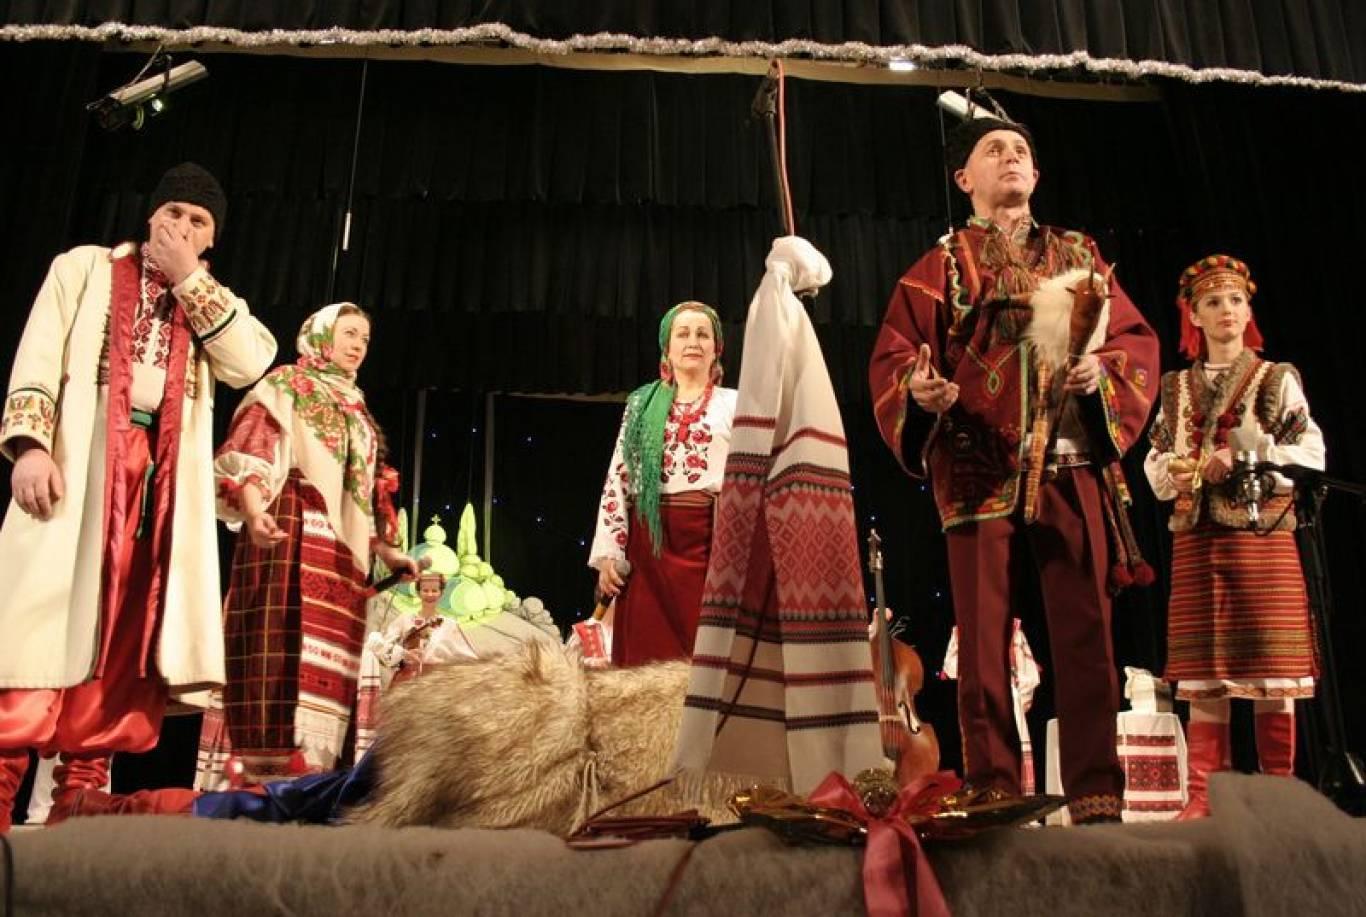 Концертна програма ансамблю «Візерунок»